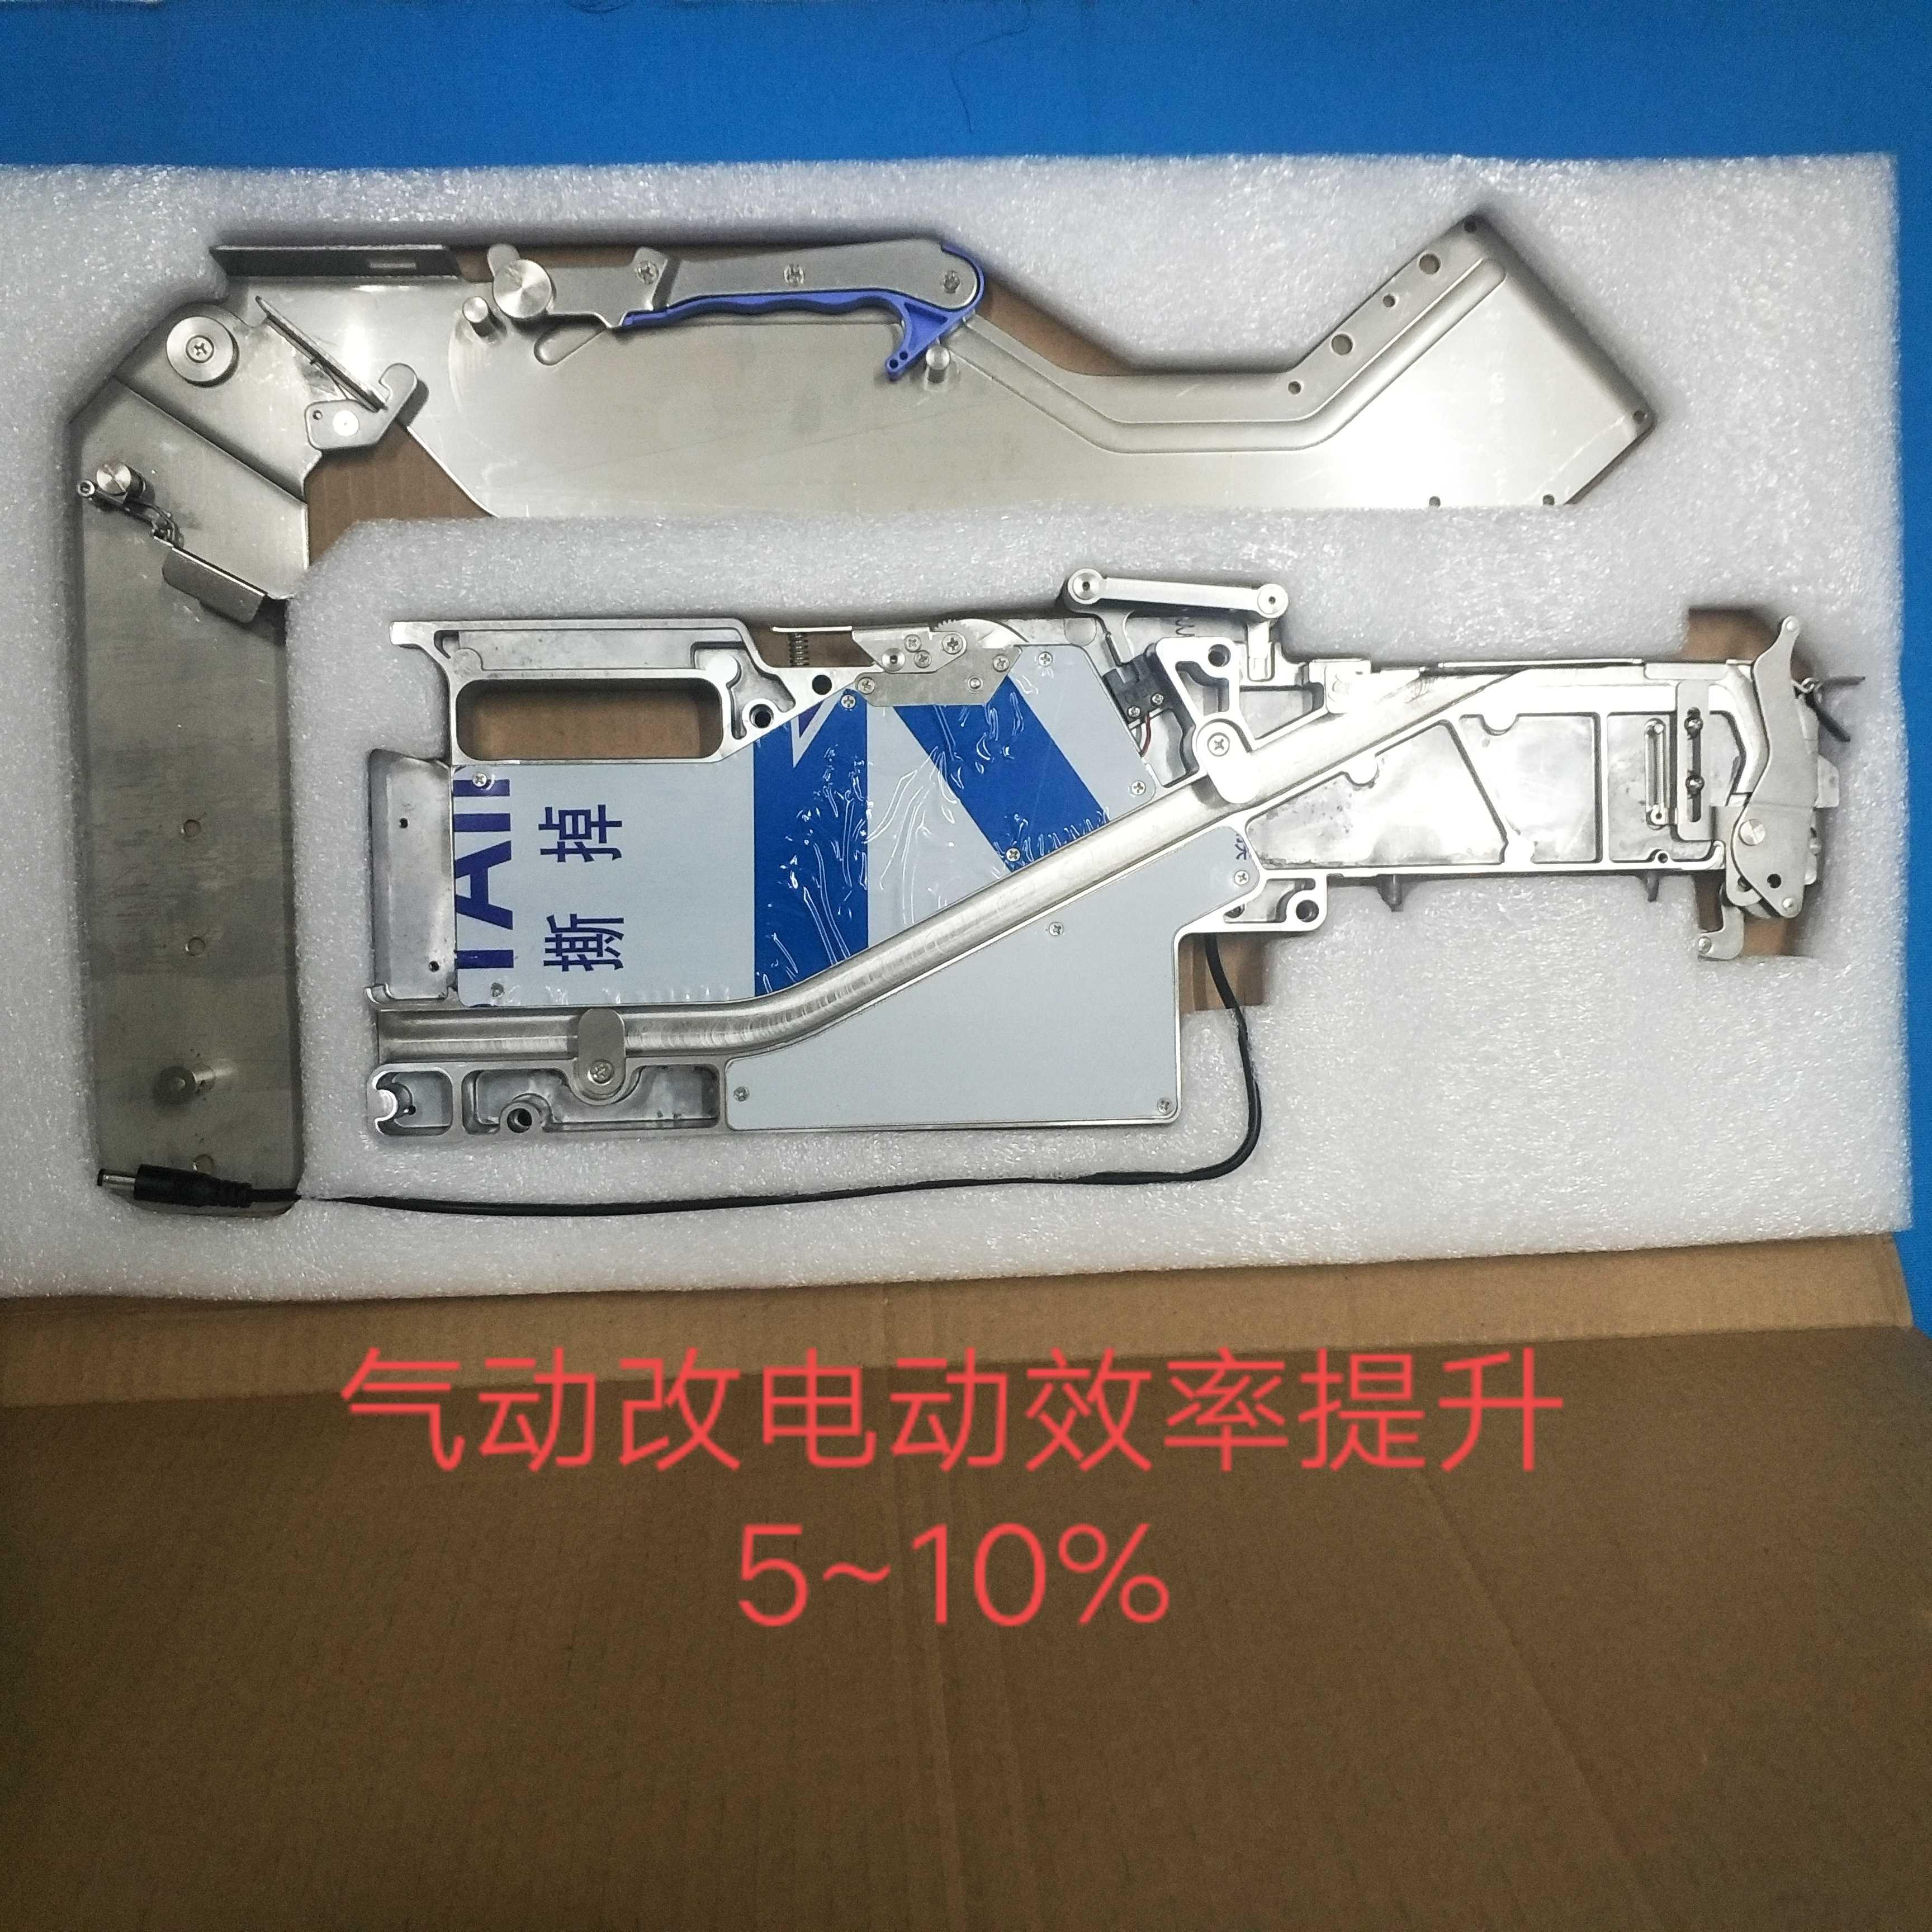 高品质气动改电动飞达雅马哈国产贴片机通用型代替CL8 12 6 24